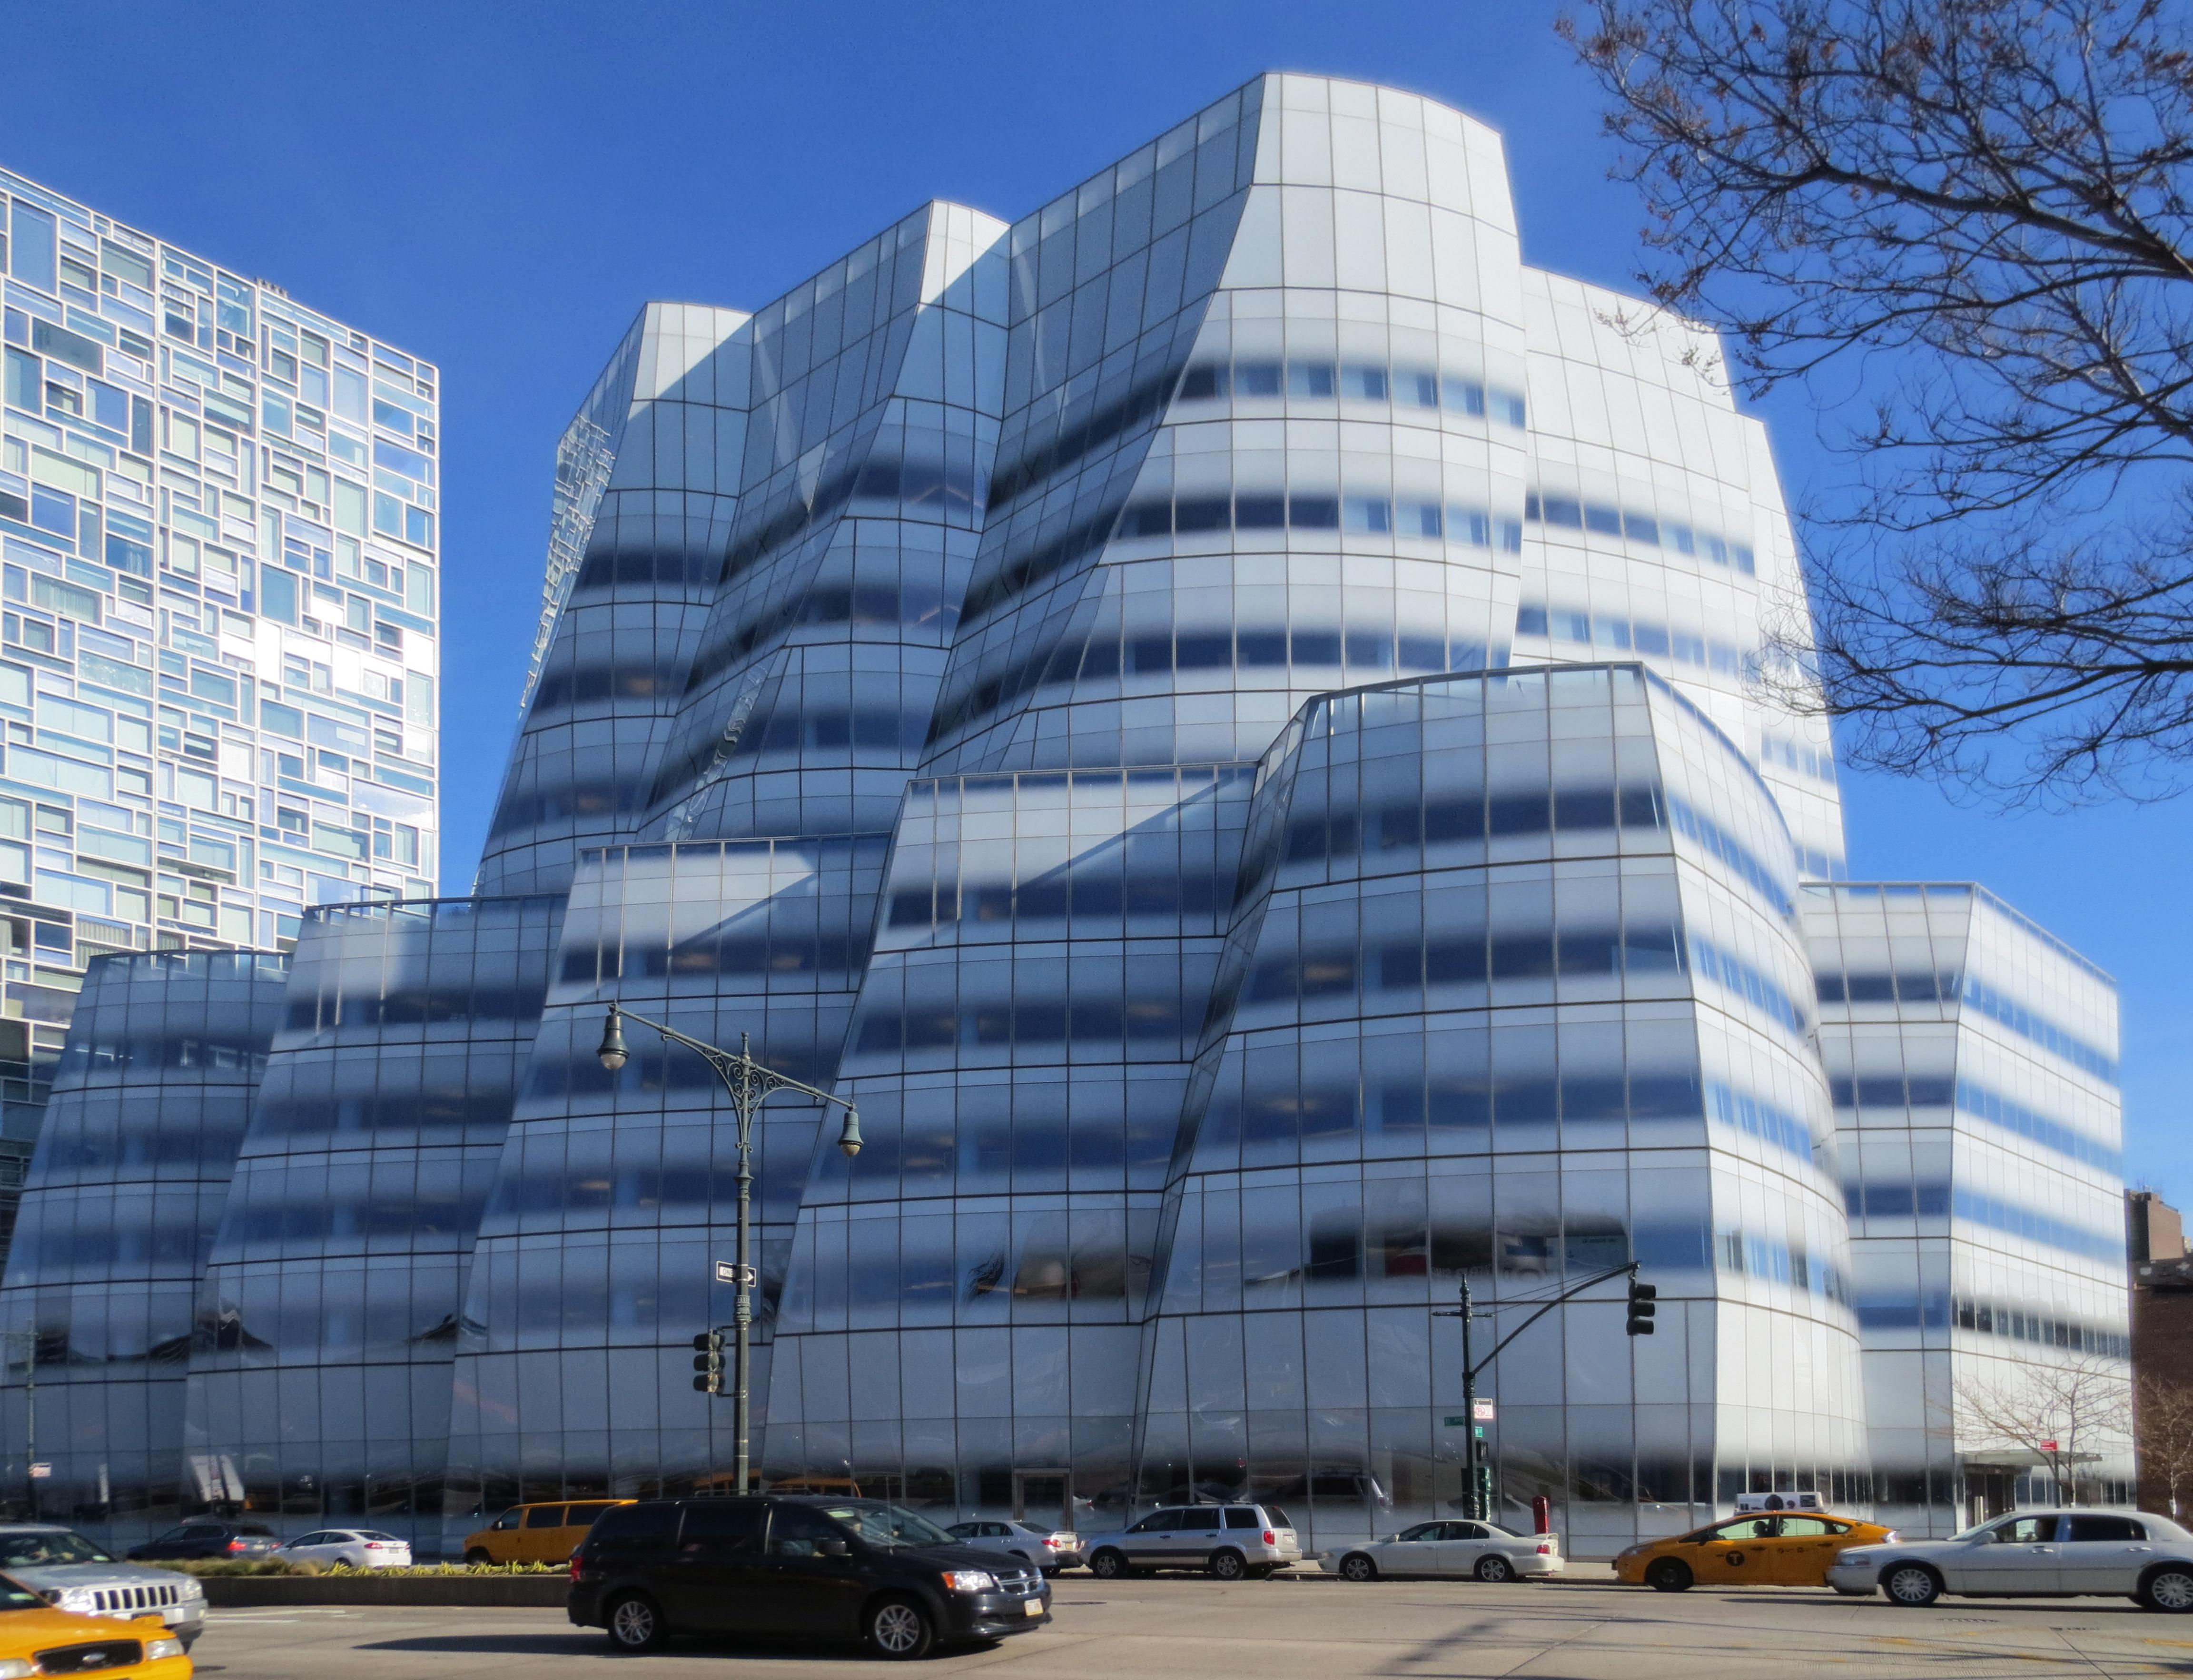 WikiArquitectura_-_Edificio_IAC_283429.jpg